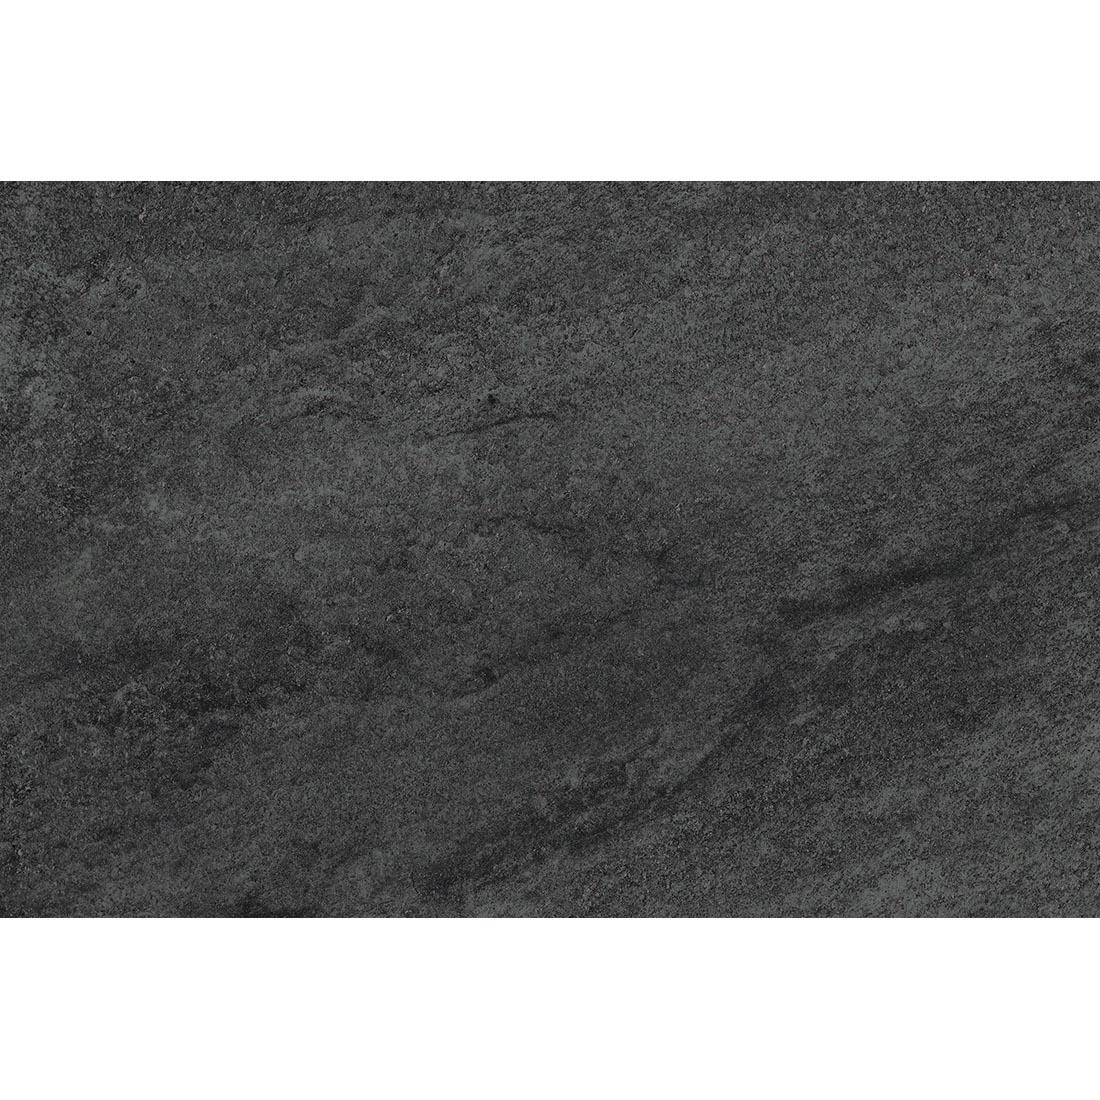 Hammer Stone 60x90x2 Nero Matt 1